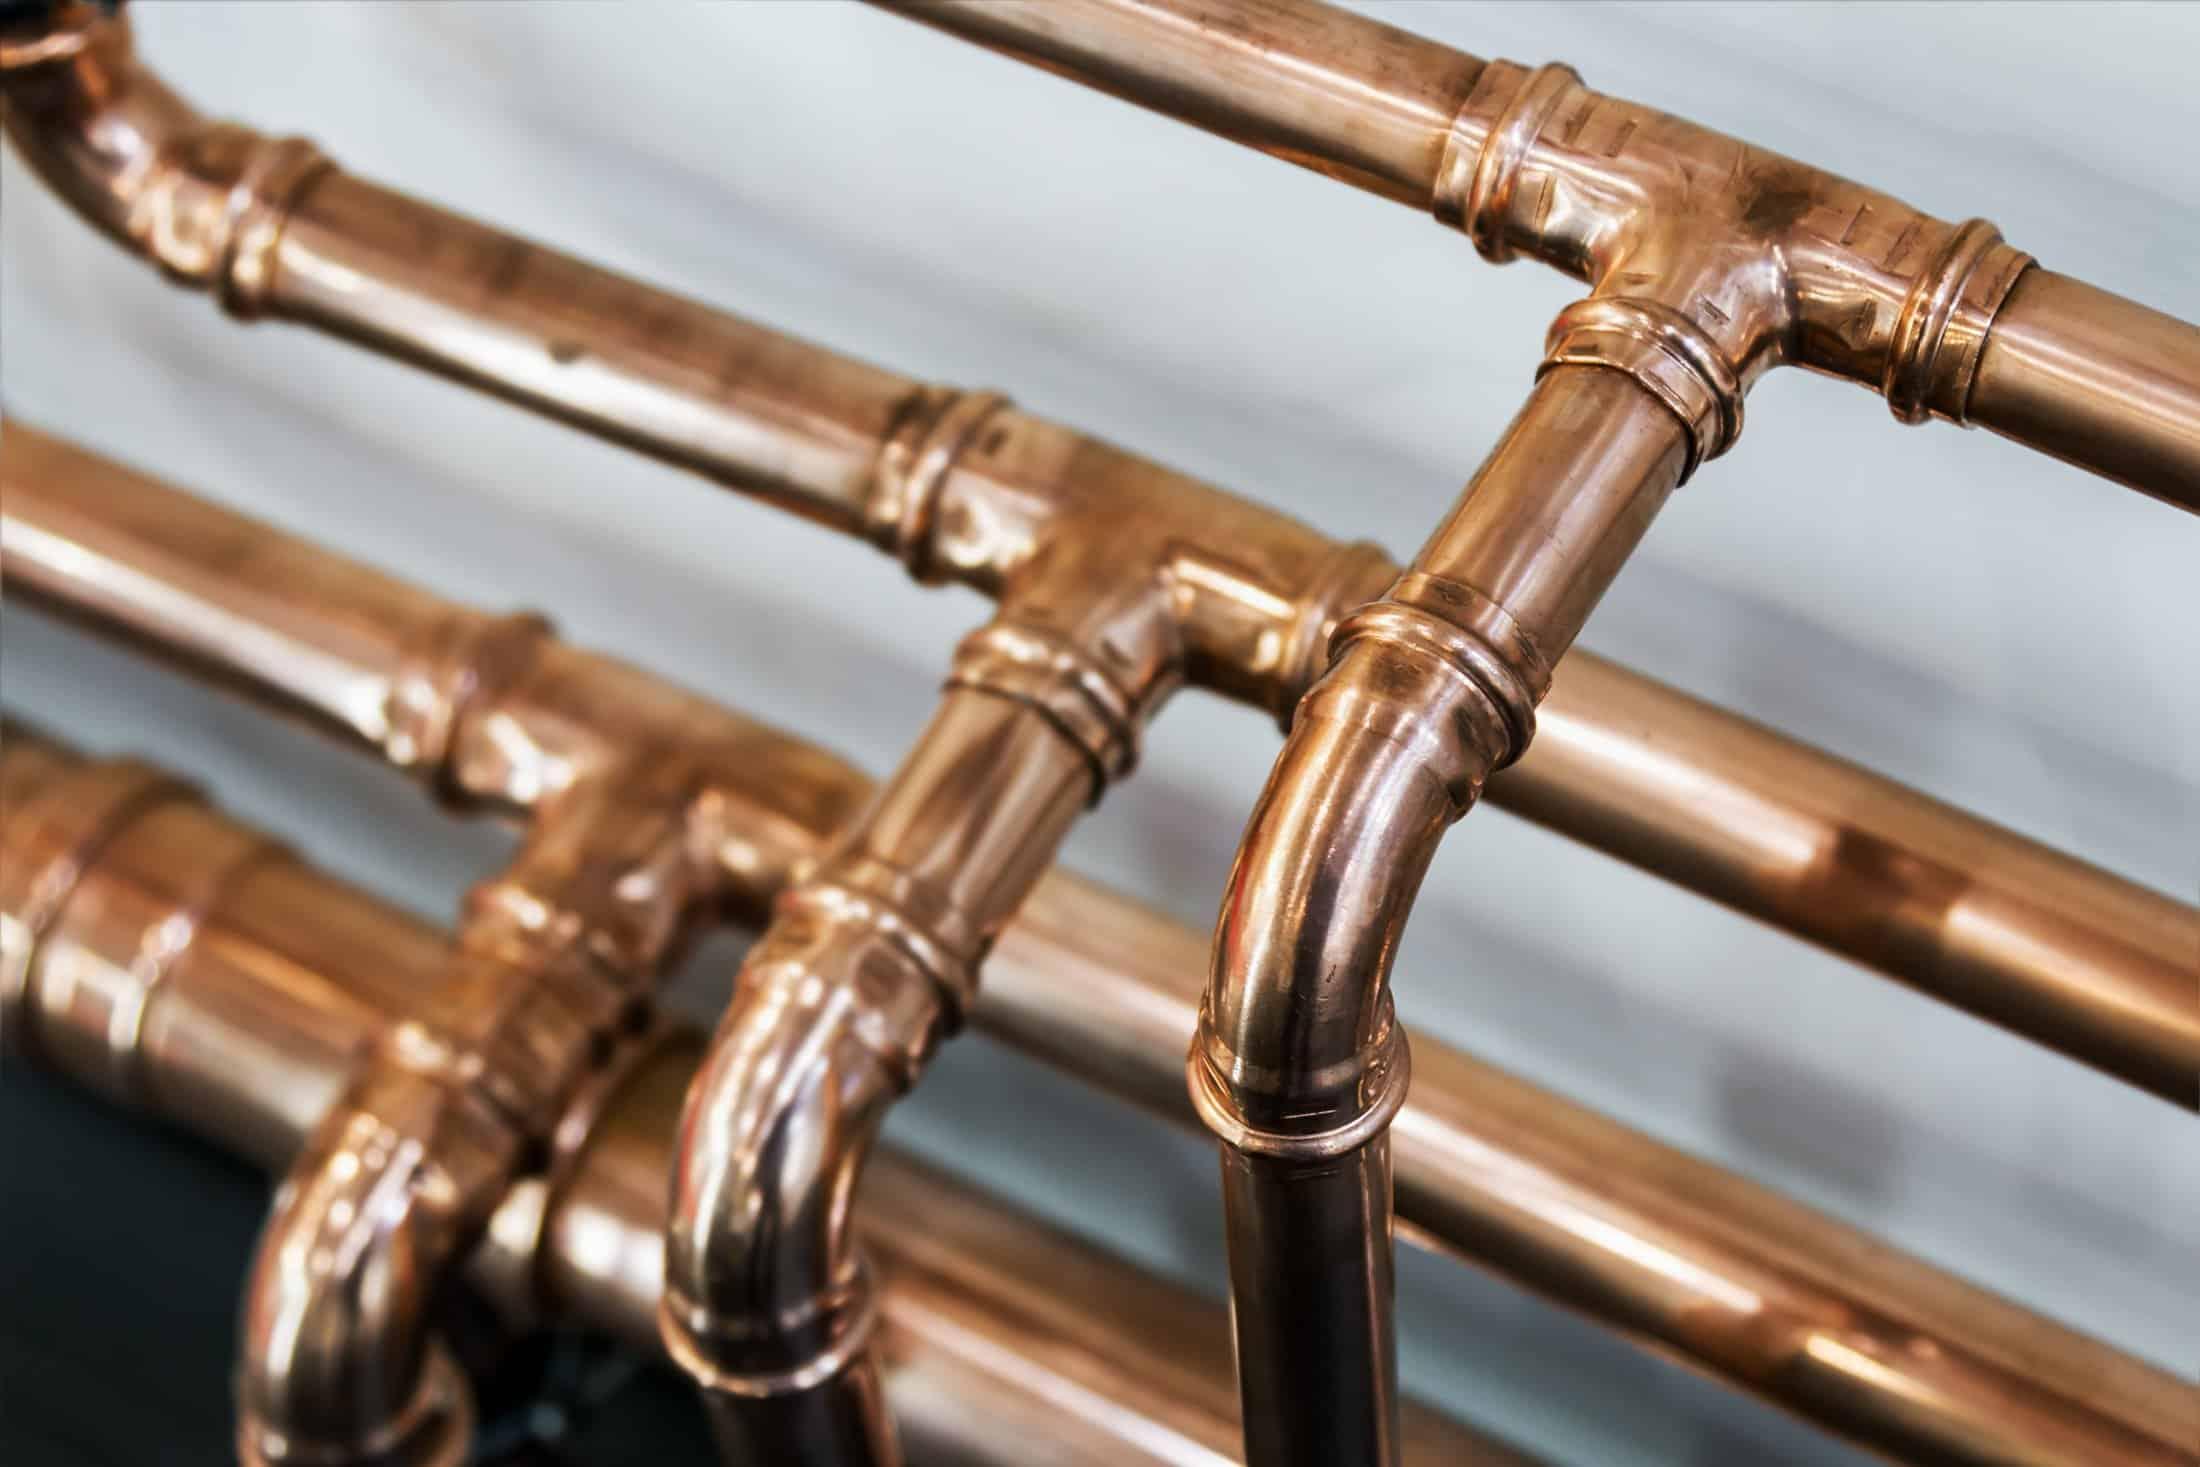 Watkins & Powis for Copper Press Fittings